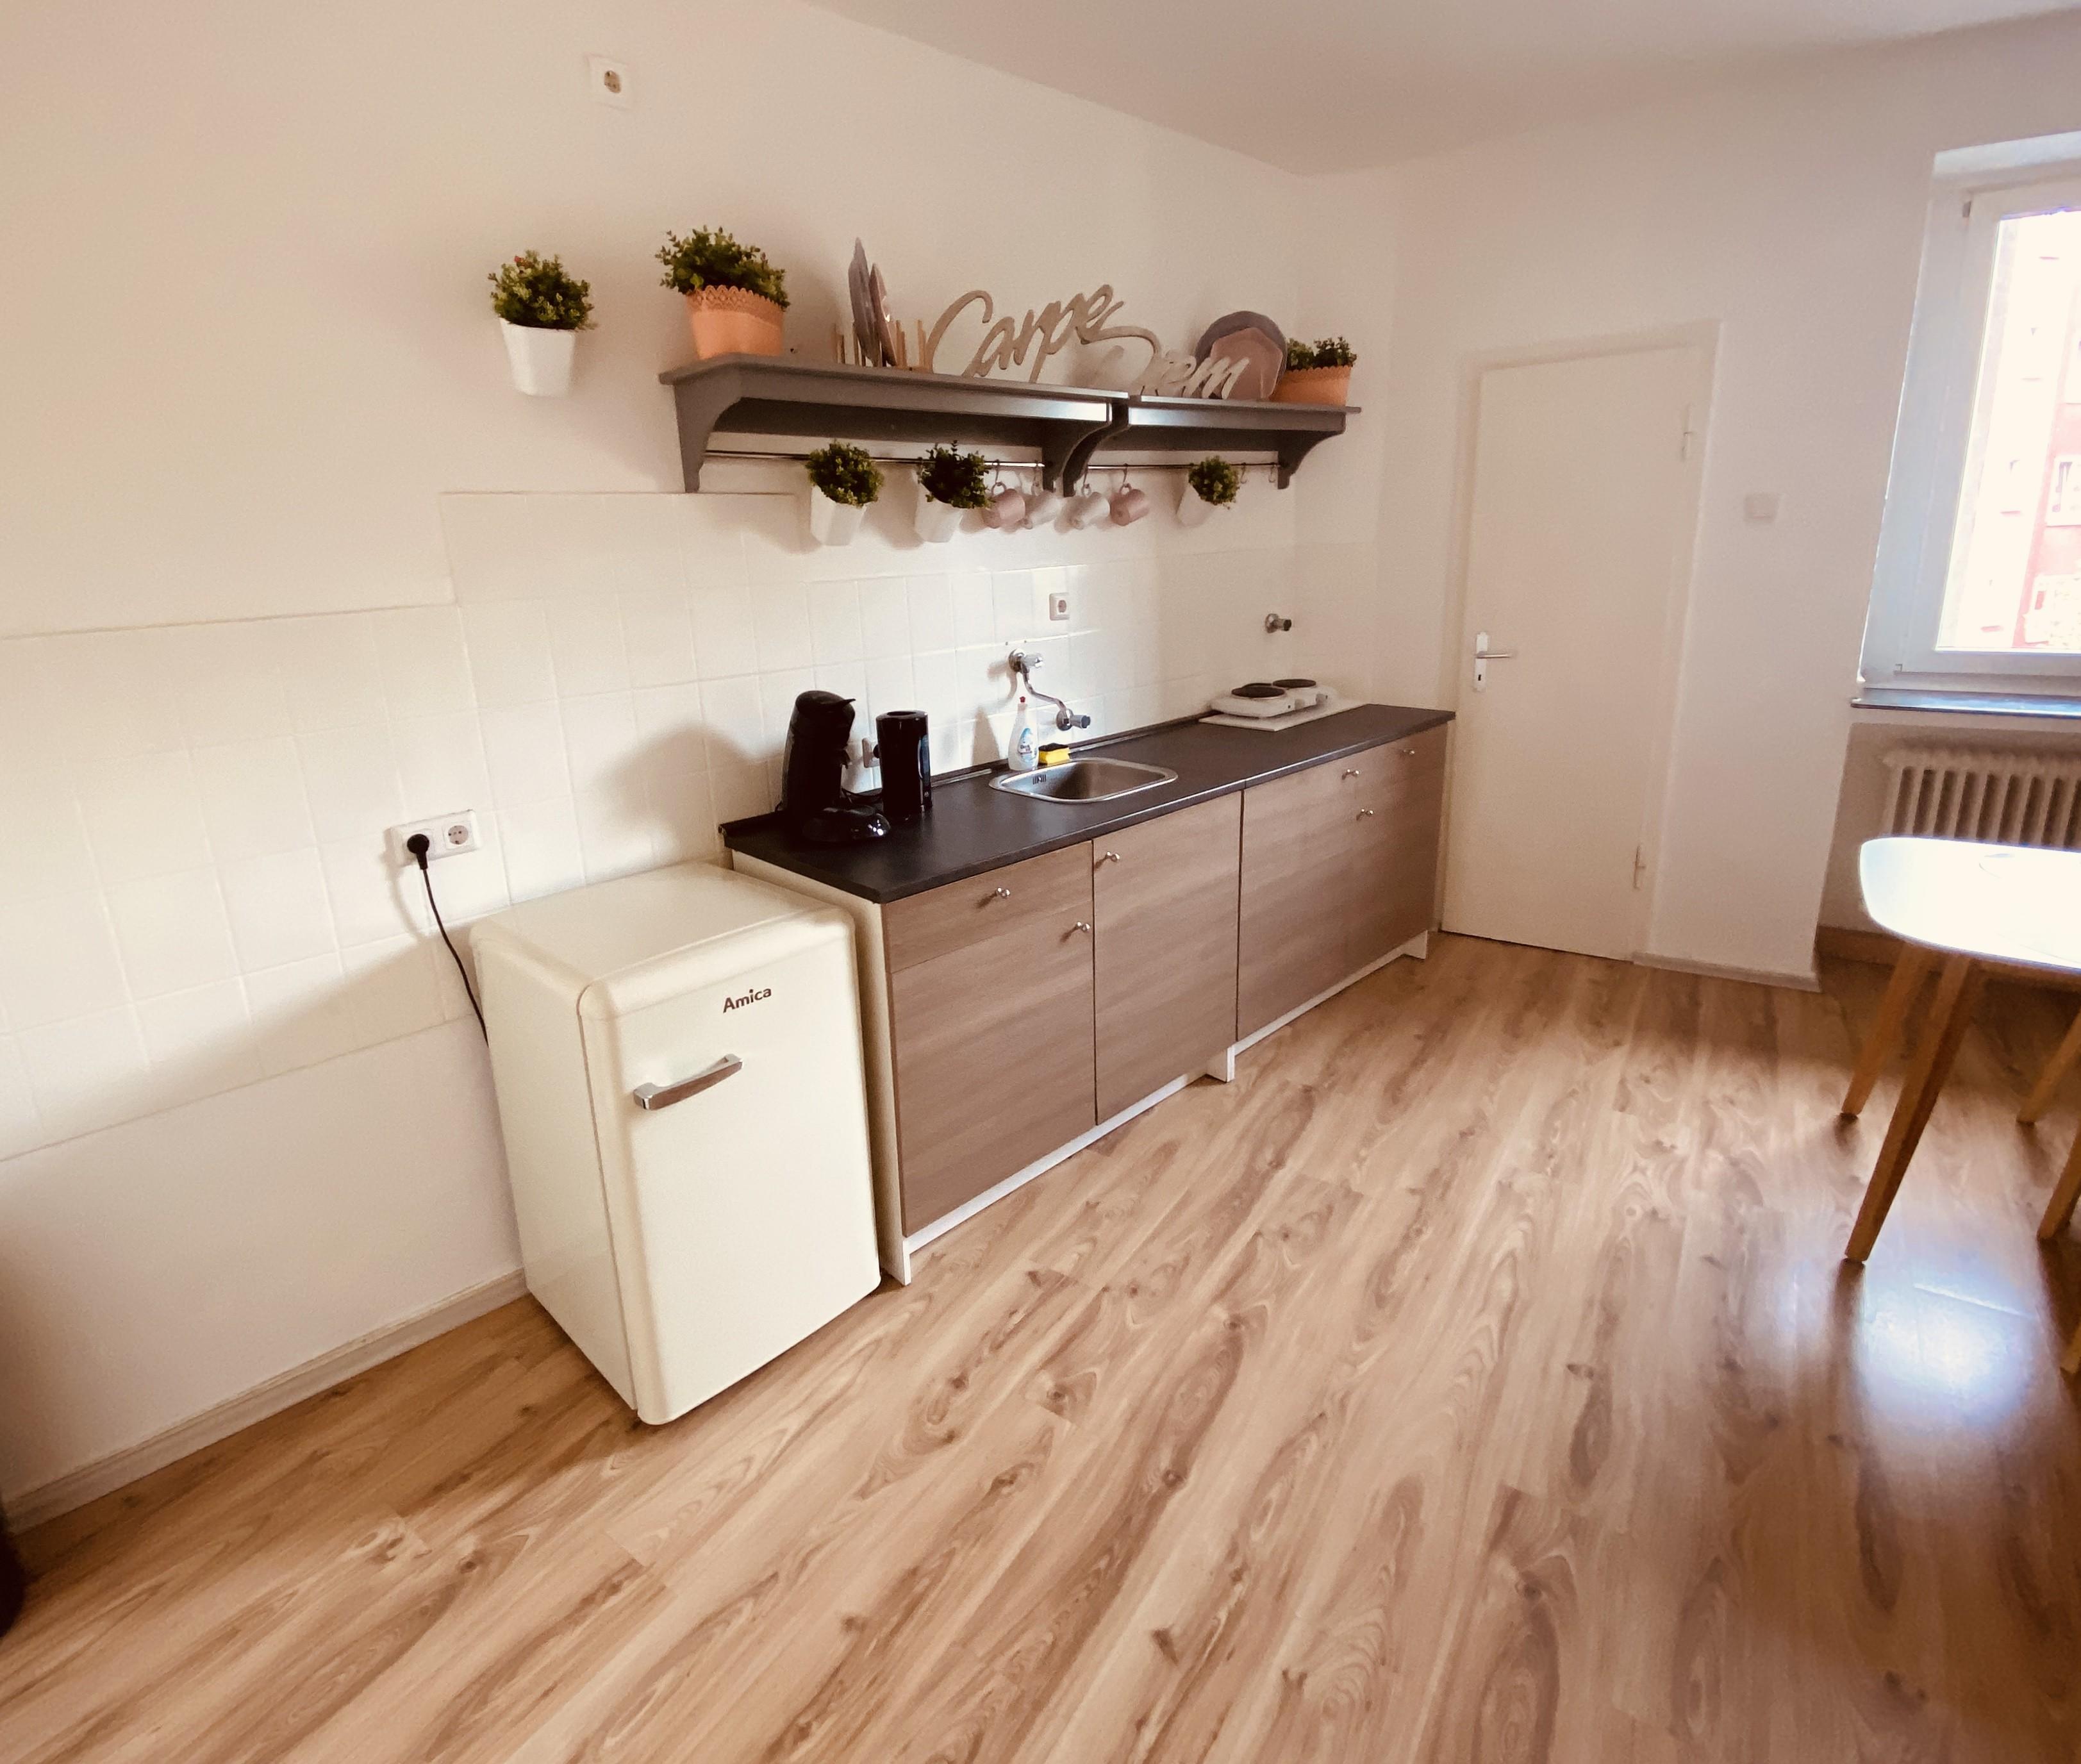 Apartment mit 2 Schlafzimmer